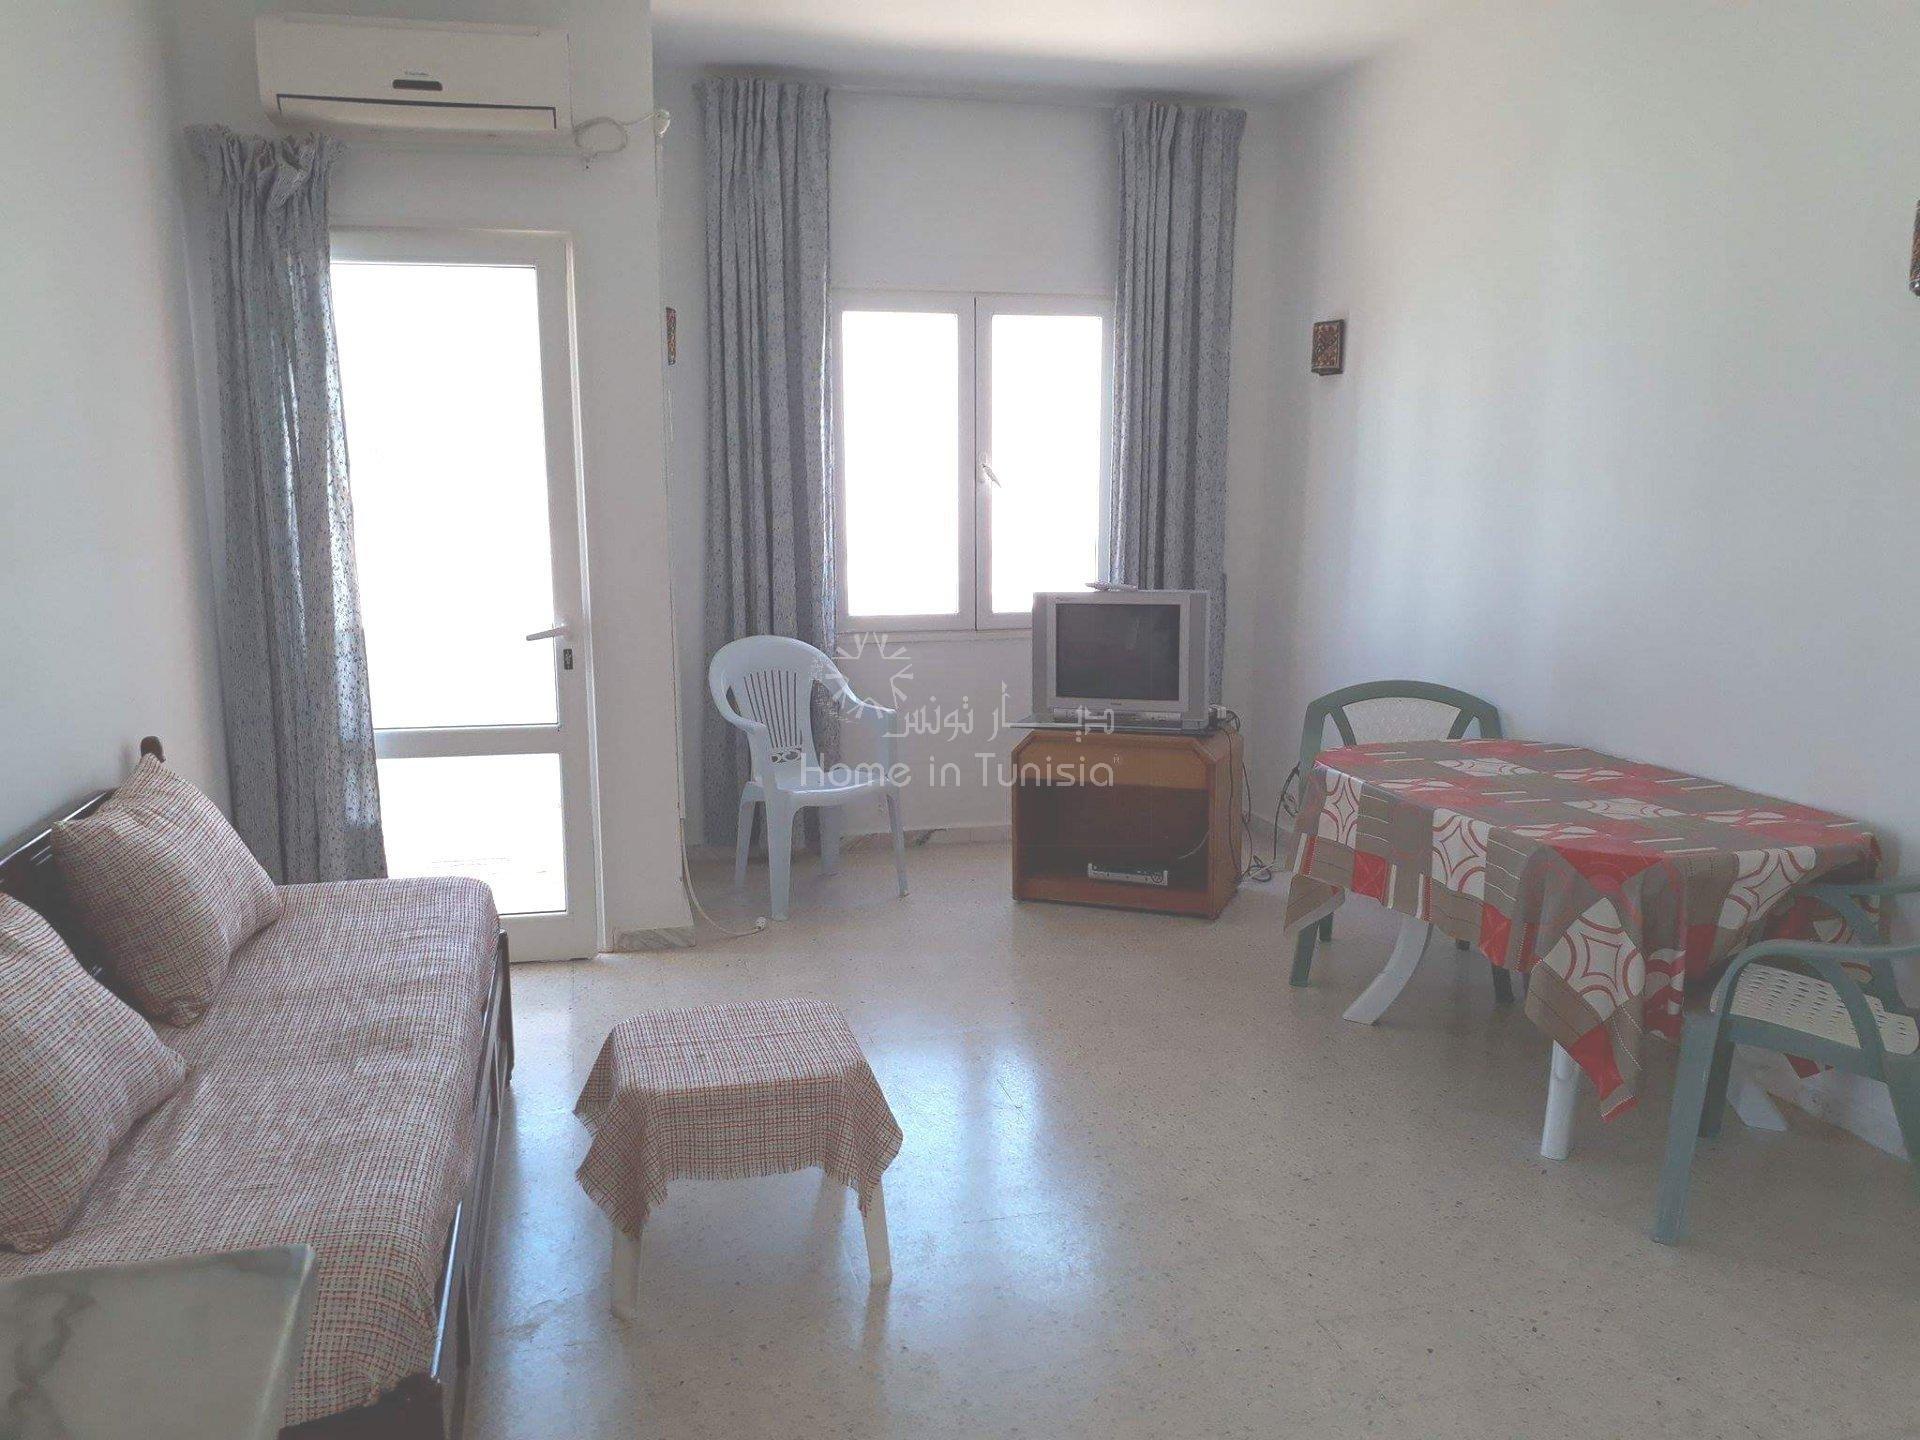 Appartement de vacance de type S+2 situé à   chatt meriem